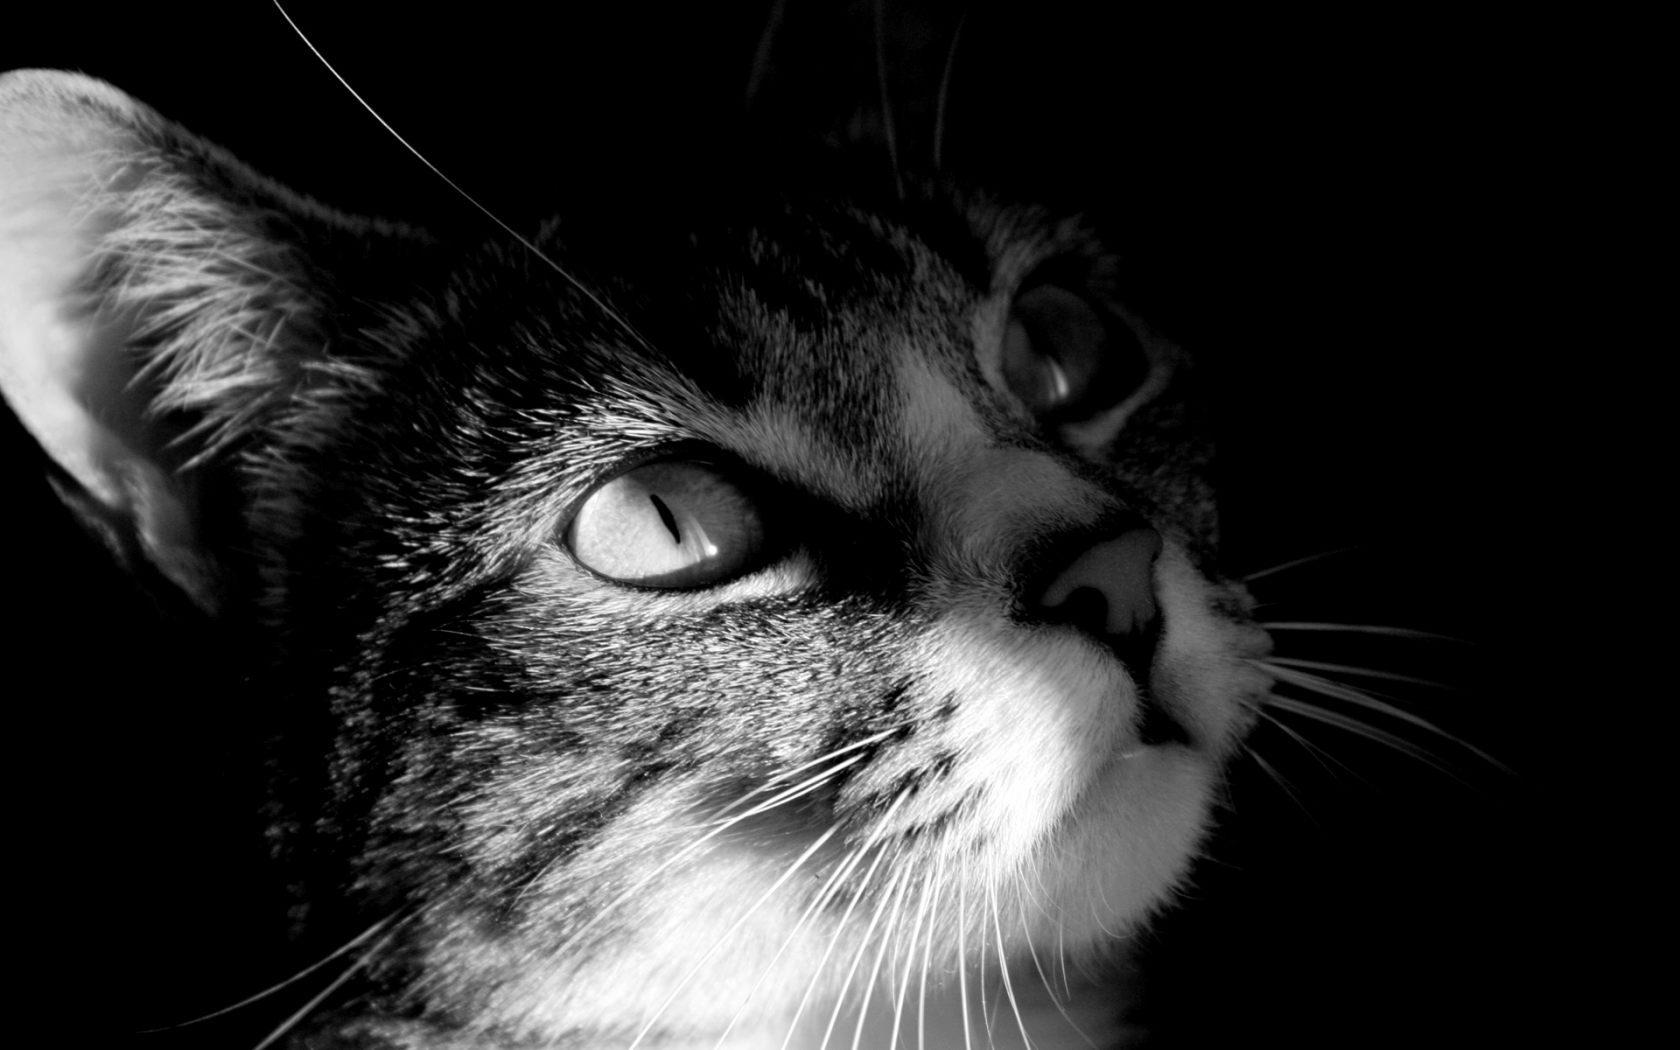 Gato en blanco y negro 1680x1050 fondos de pantalla y for Fondo de pantalla blanco y negro